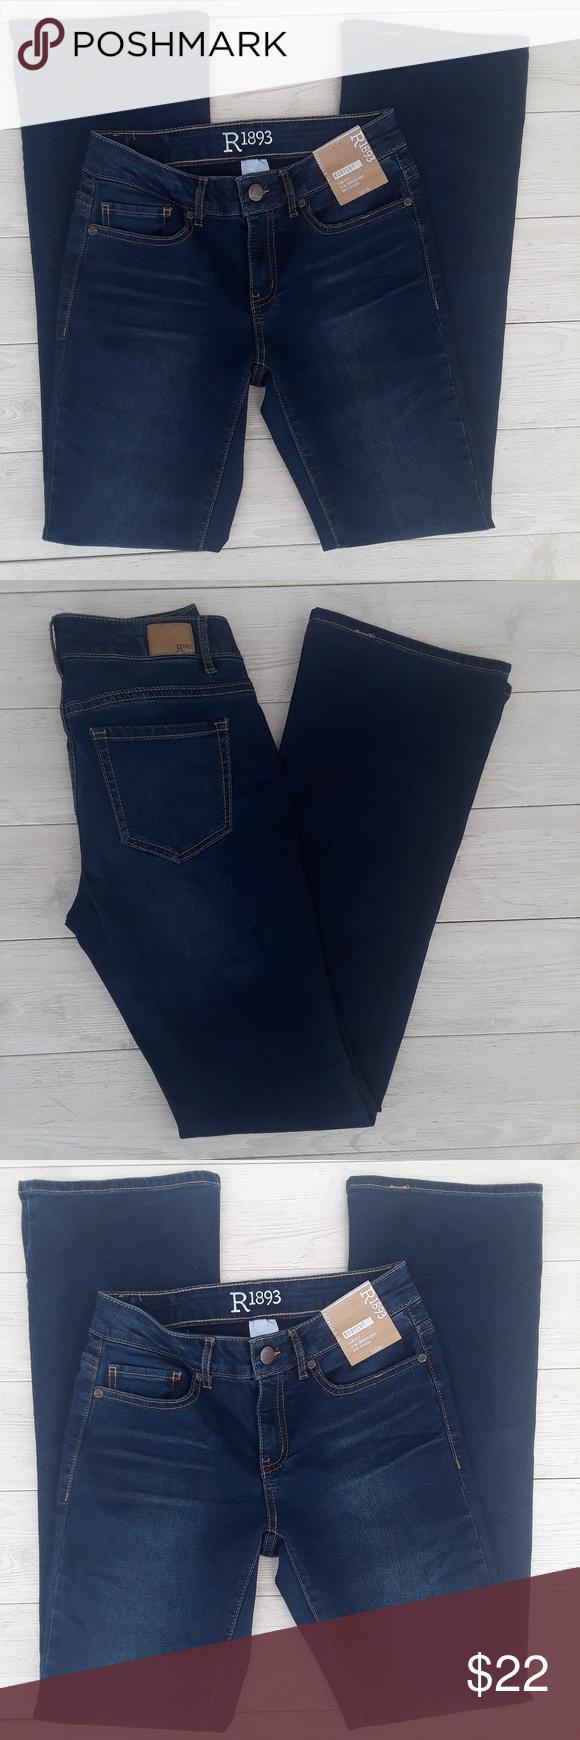 87cd4f66 Women sz 2 R1893 Roebuck & co bootcut jeans nwt R 1893 Roebuck & Co size 2  regular jeans bootcut, low rise, slim through knee NWT-$39 8